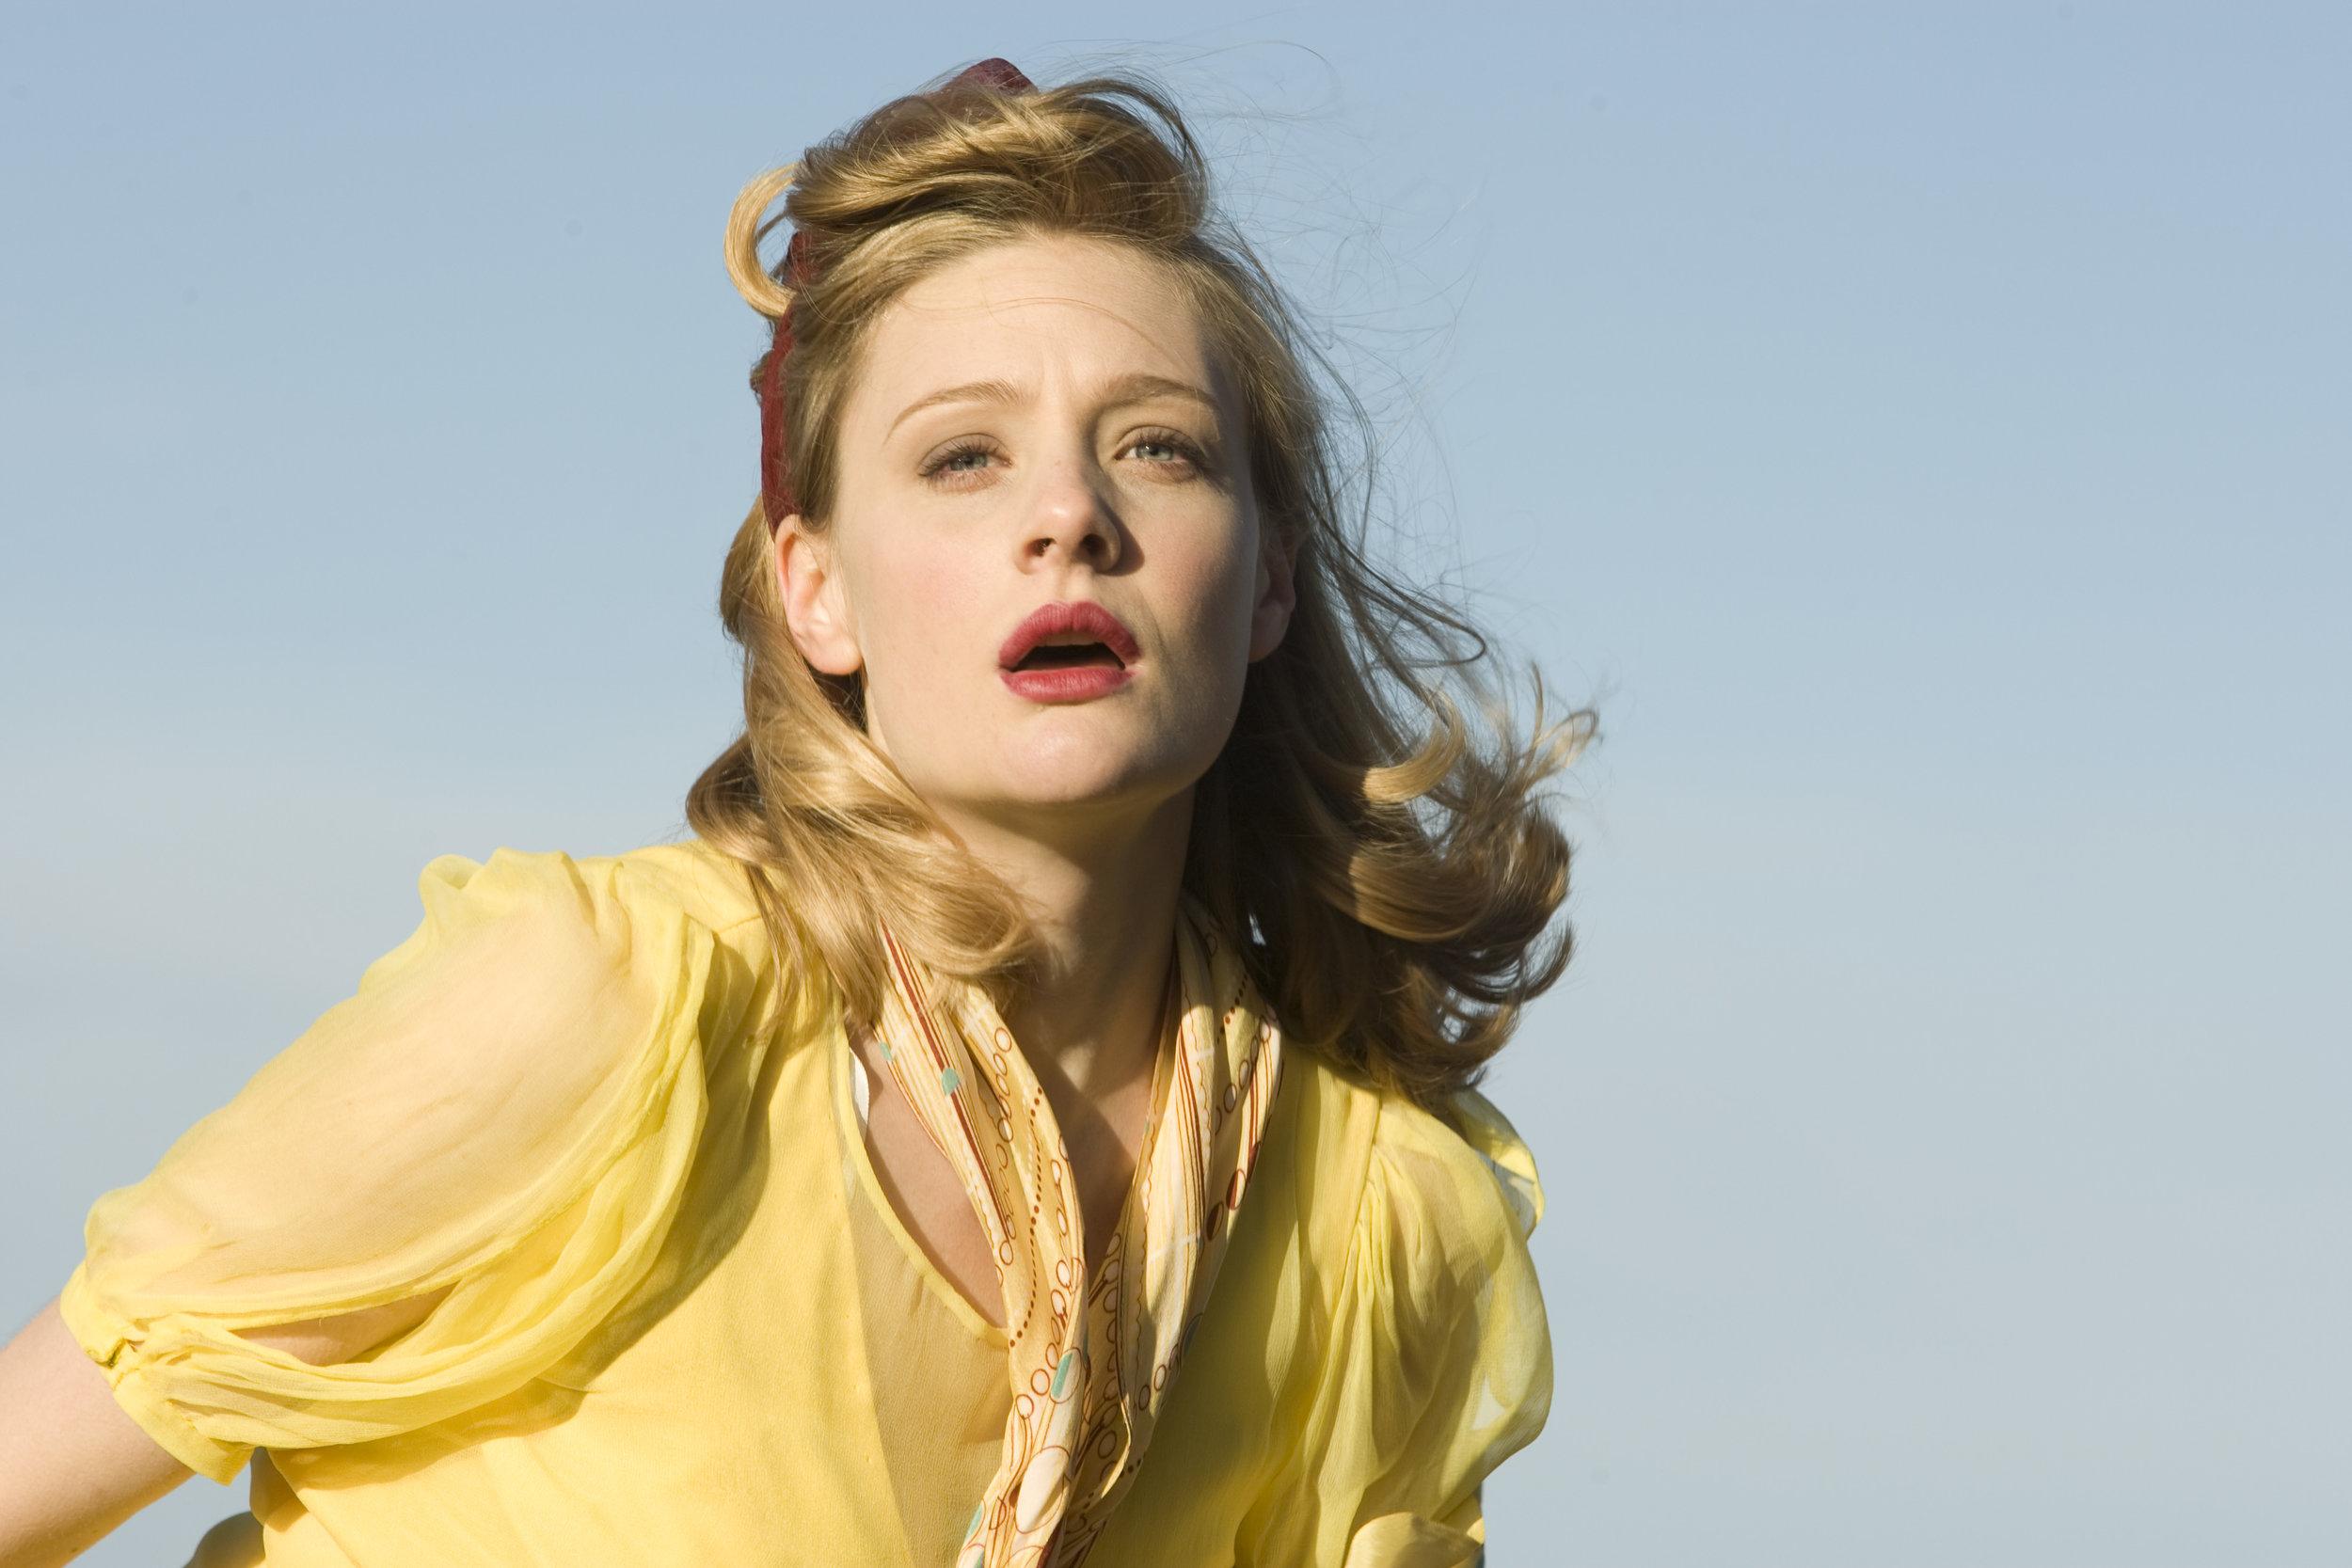 Romola Garai as 'Glorious' Anne in Glorious 39 (2009)